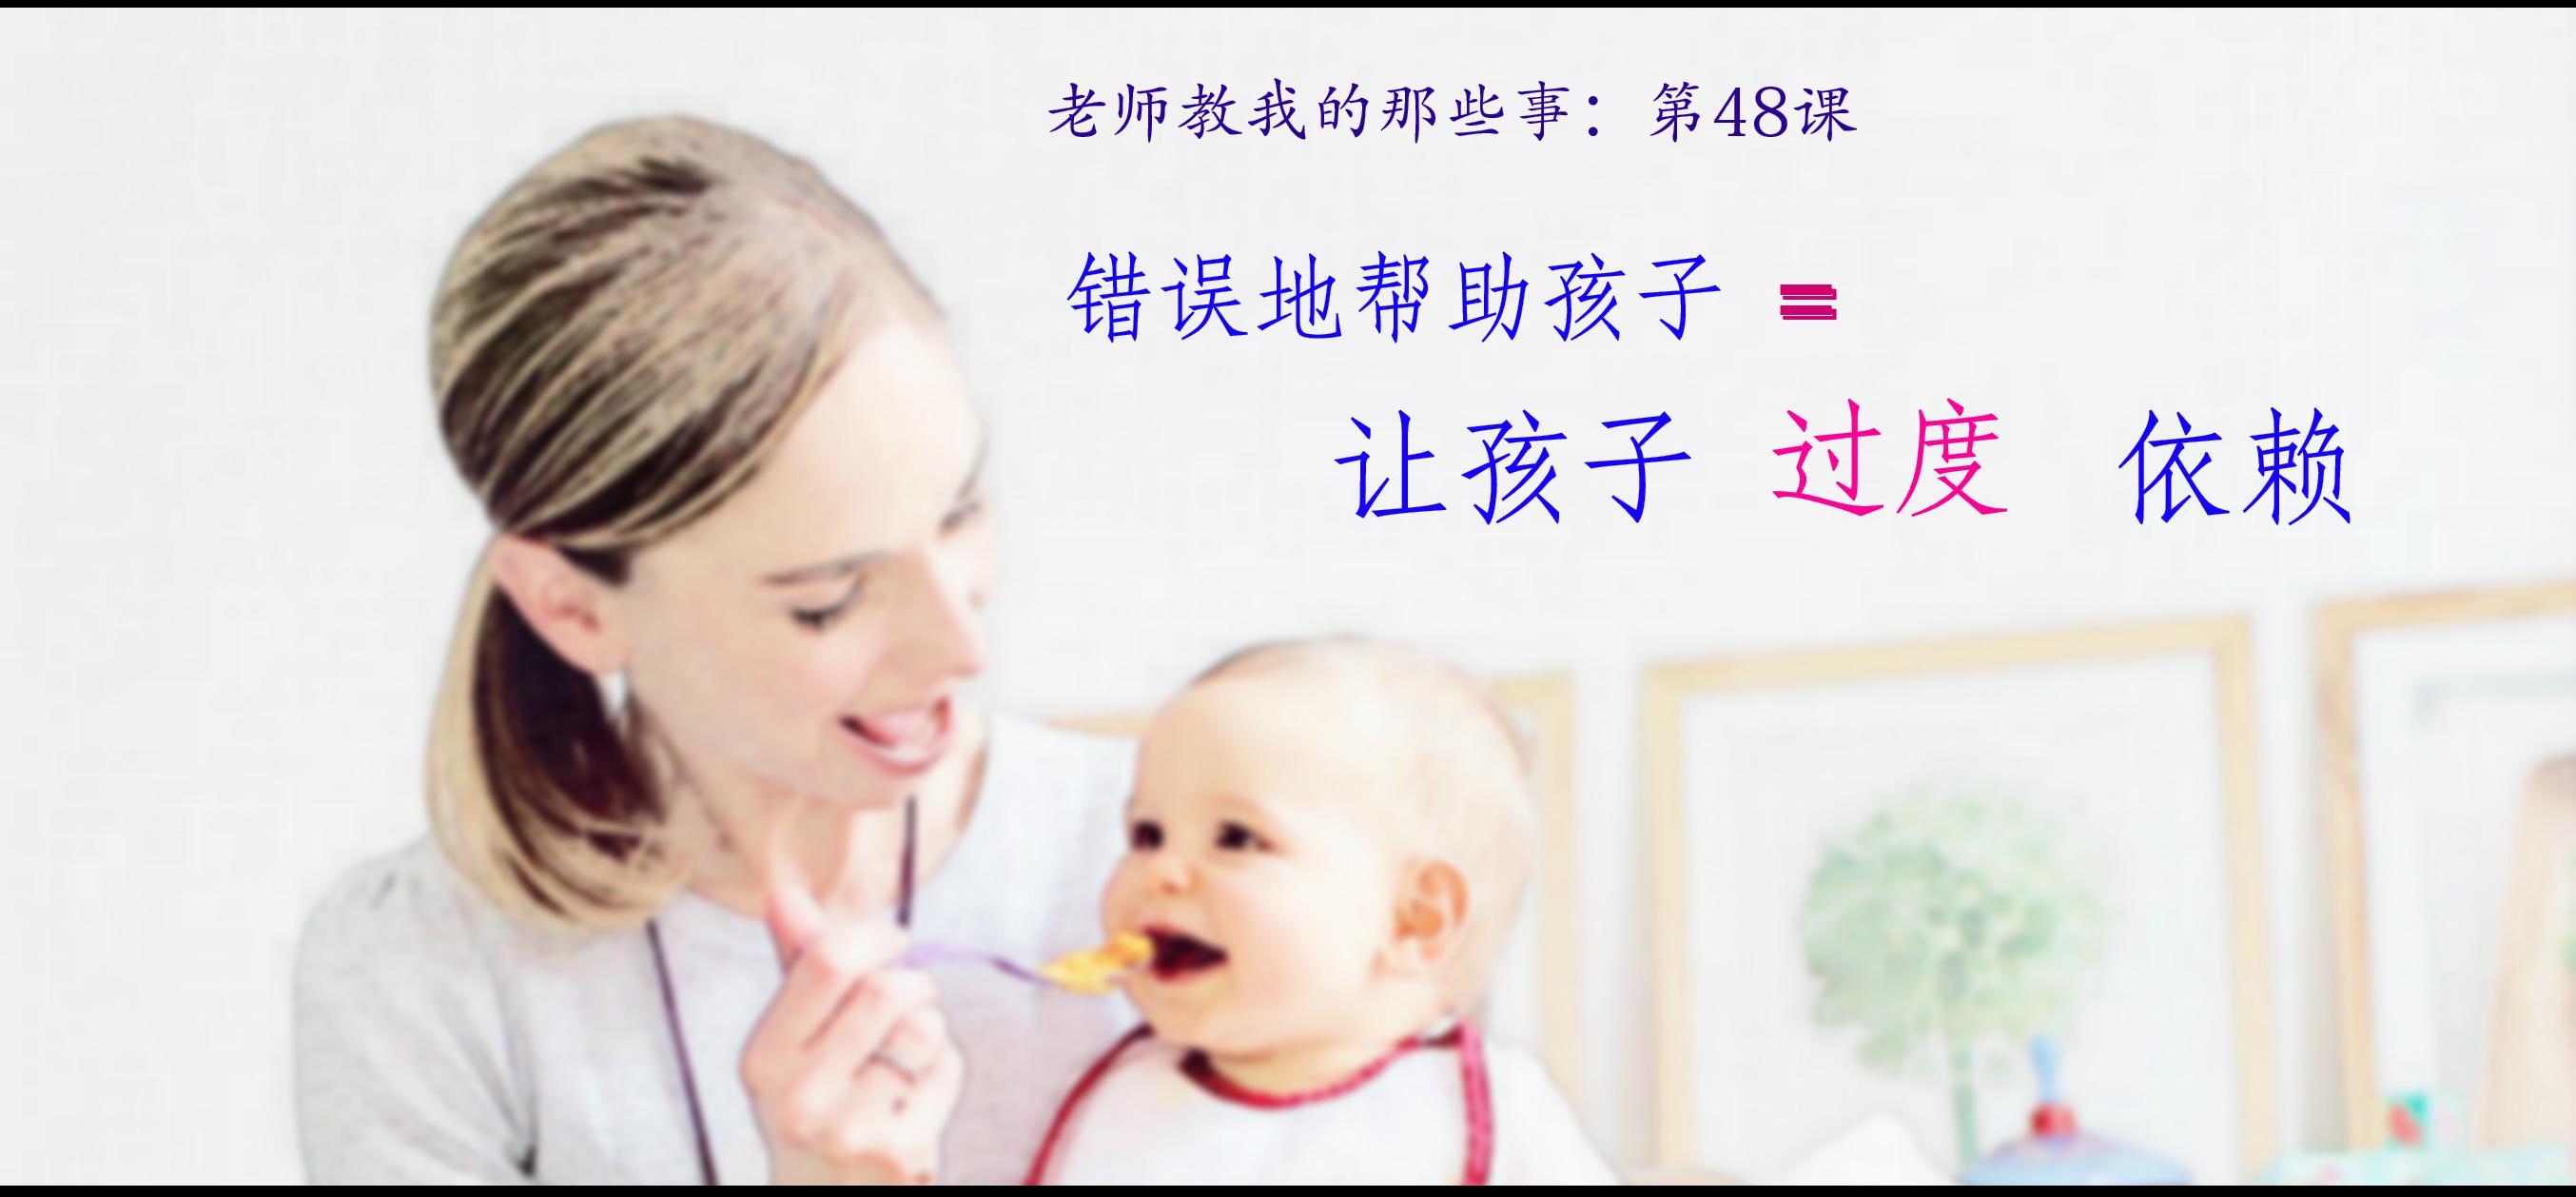 第48课:错误地帮助孩子= 让孩子过度依赖